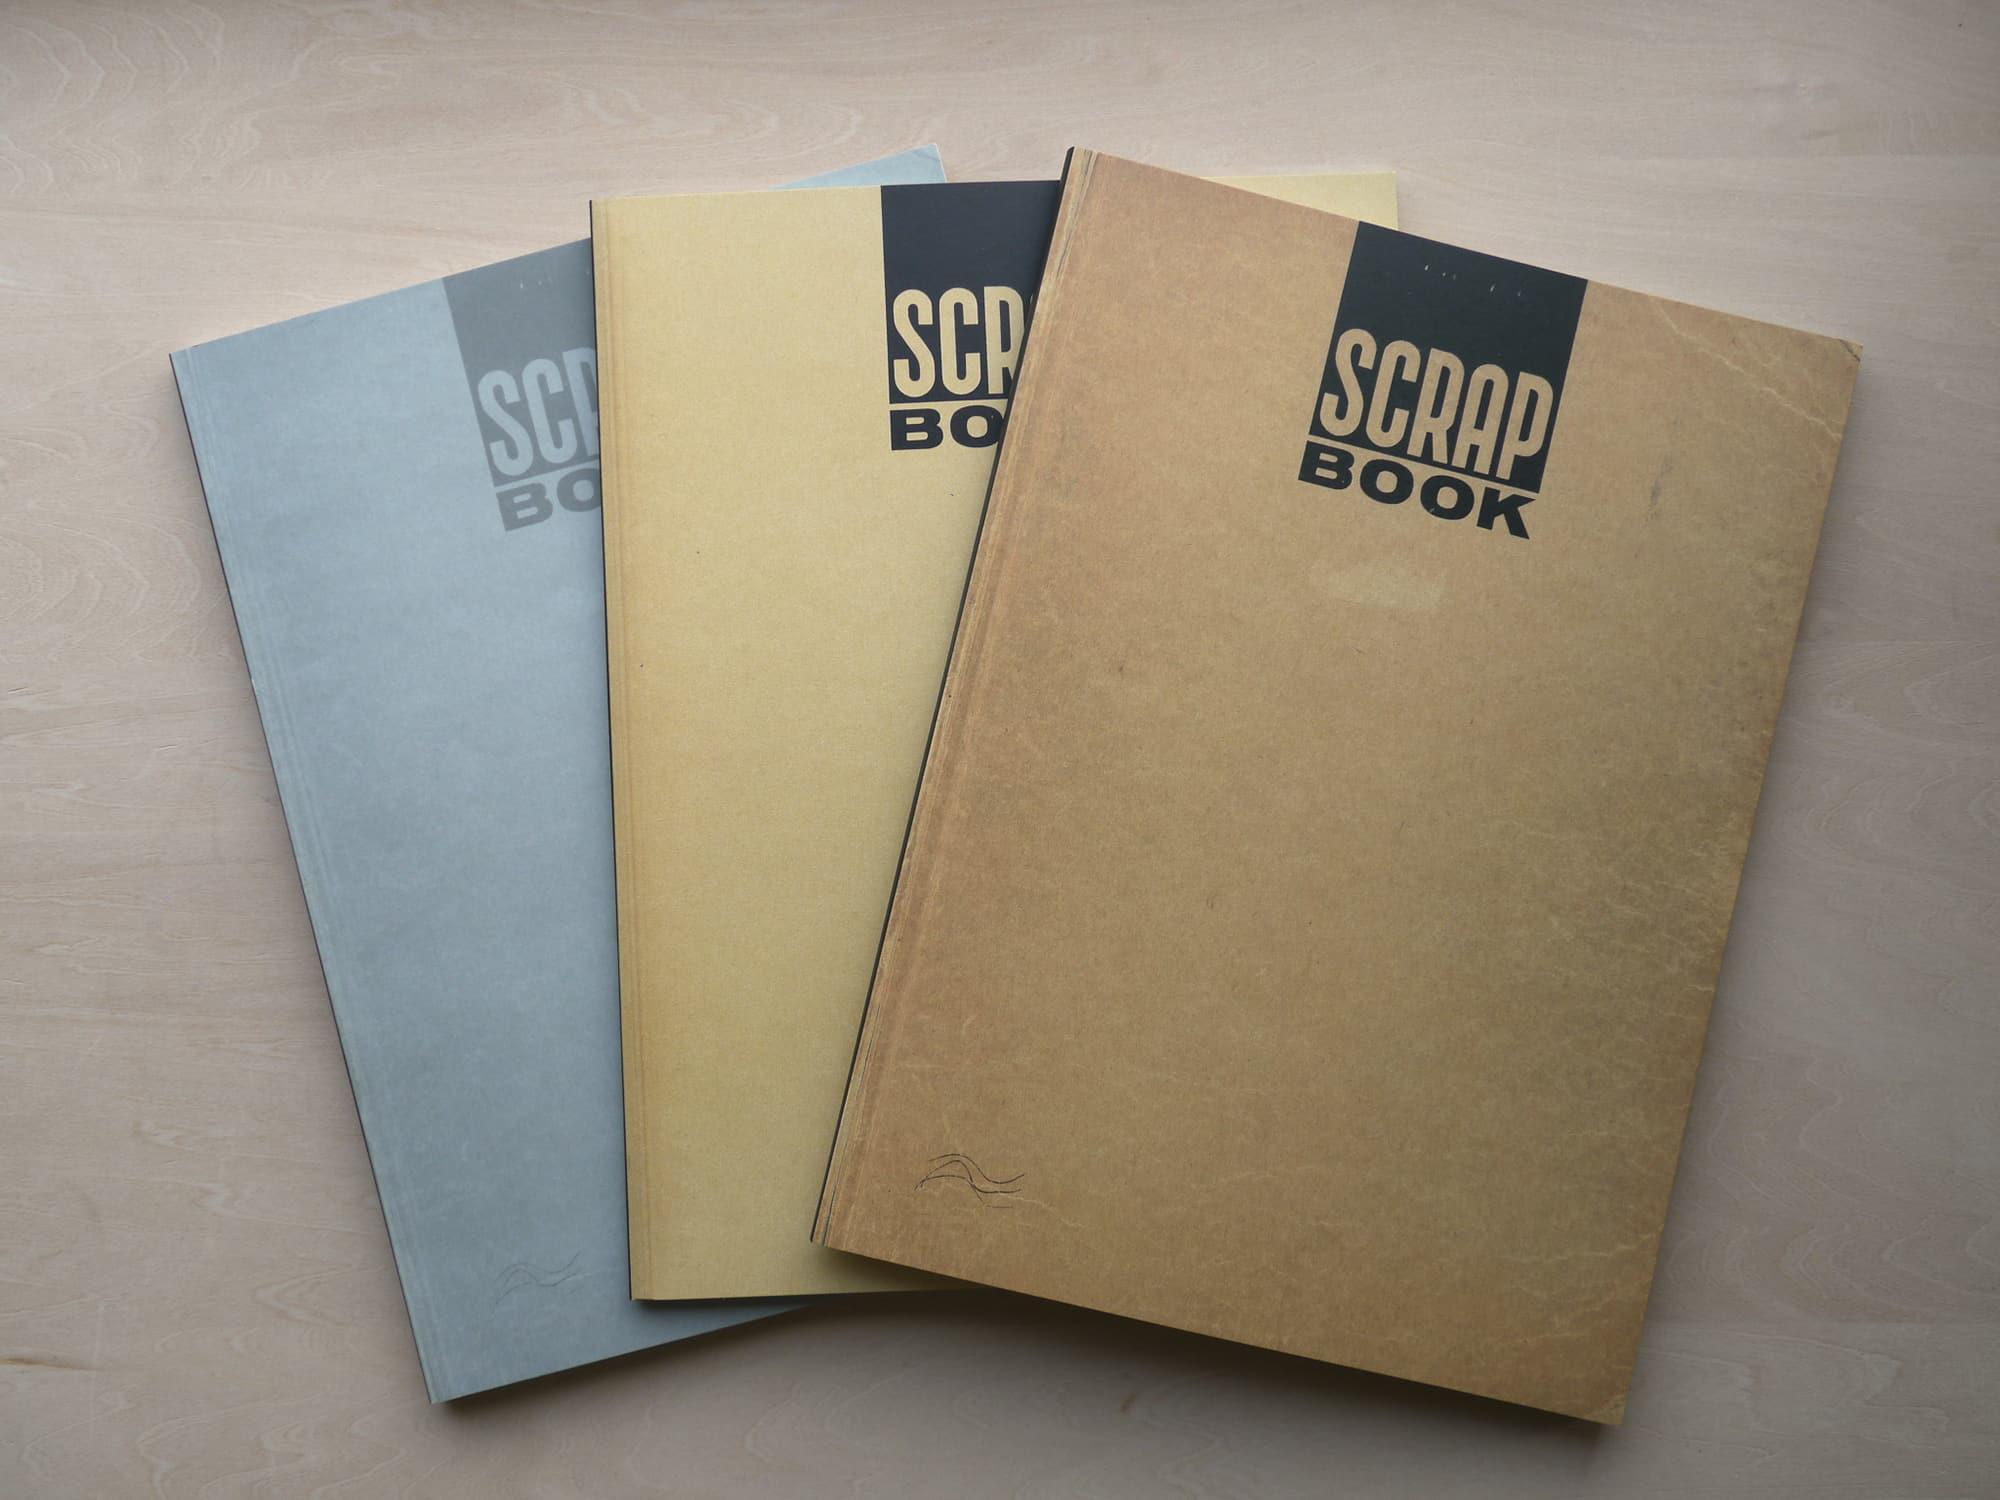 ジェイ・チュン&キュウ・タケキ・マエダ『scrapbook』